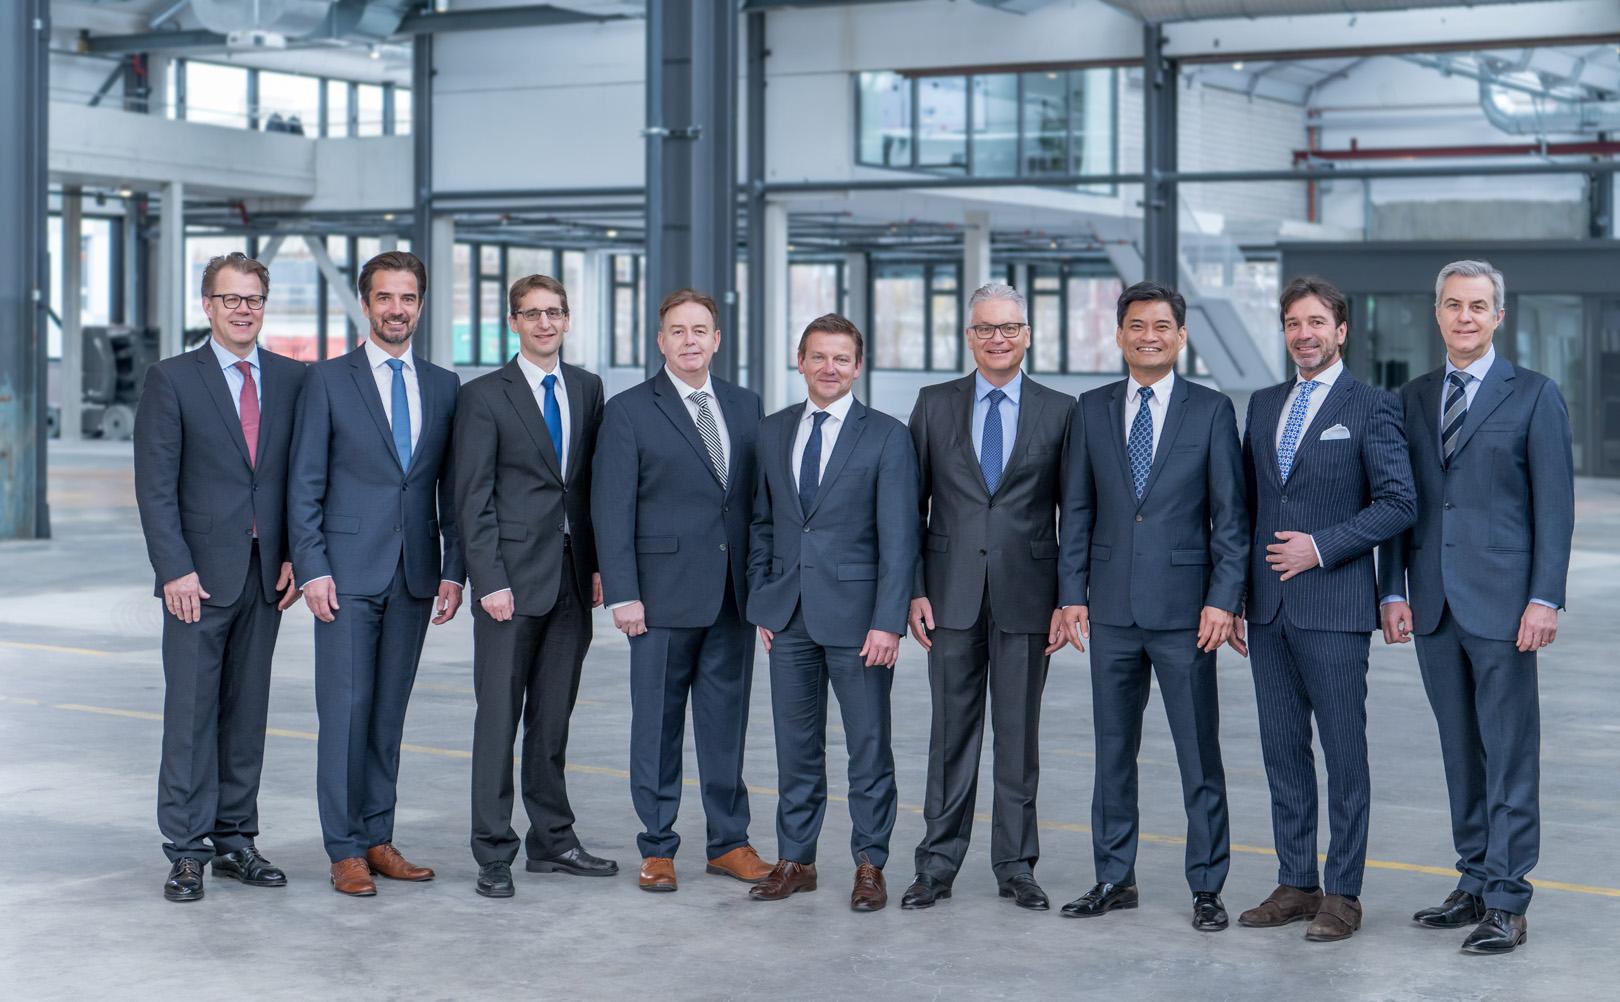 Executive Committee dormakaba Group